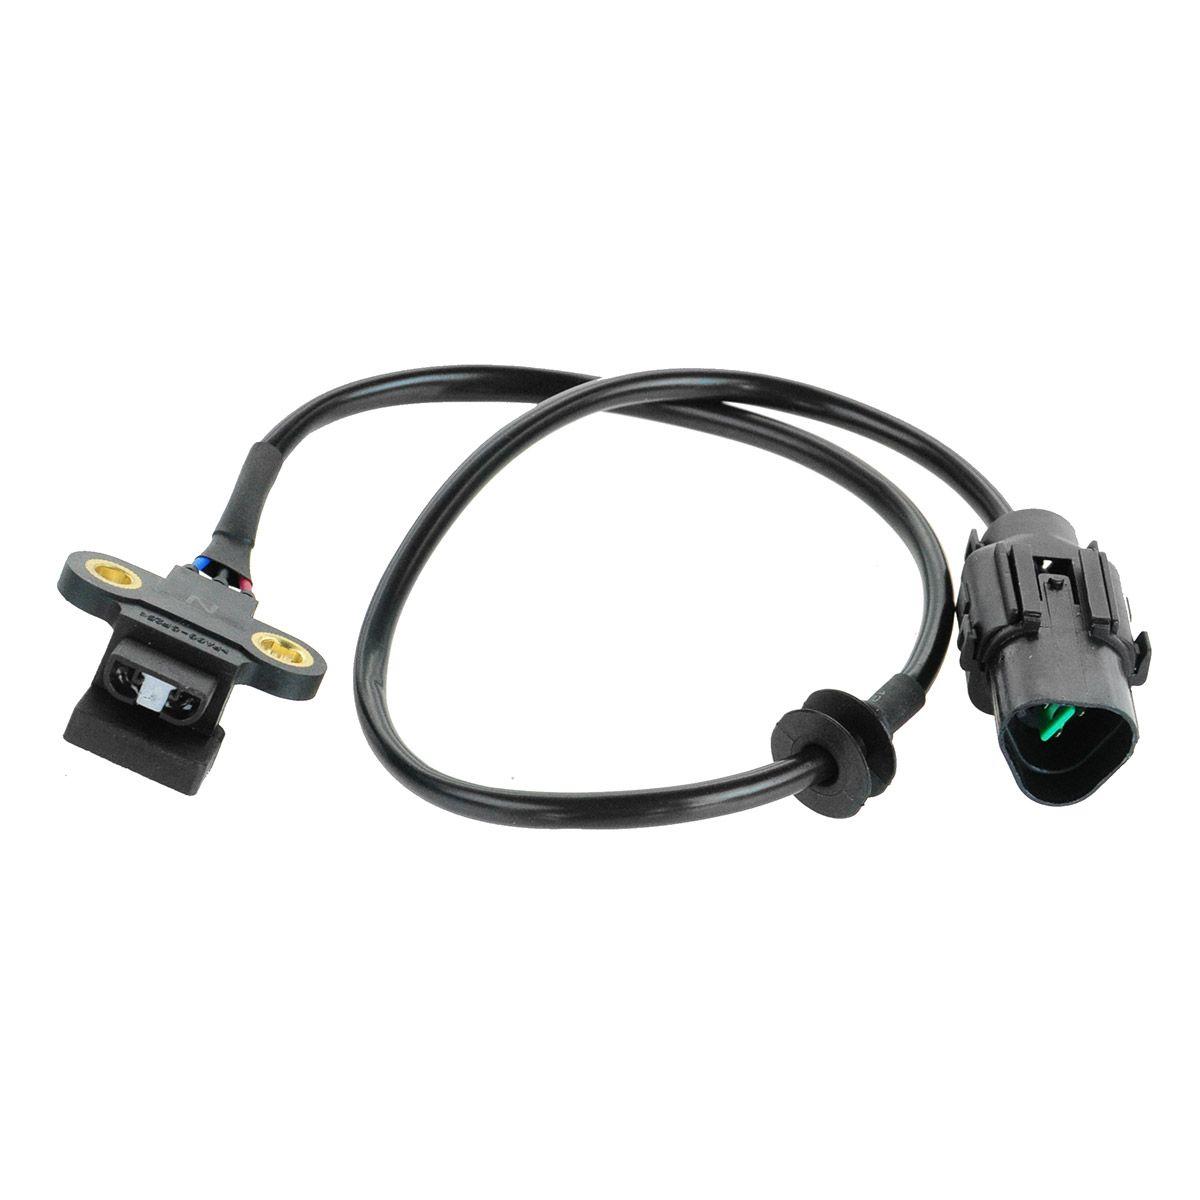 Genuine Hyundai Kia Crankshaft Position Sensor for 03-06 Sorento 39310-39800